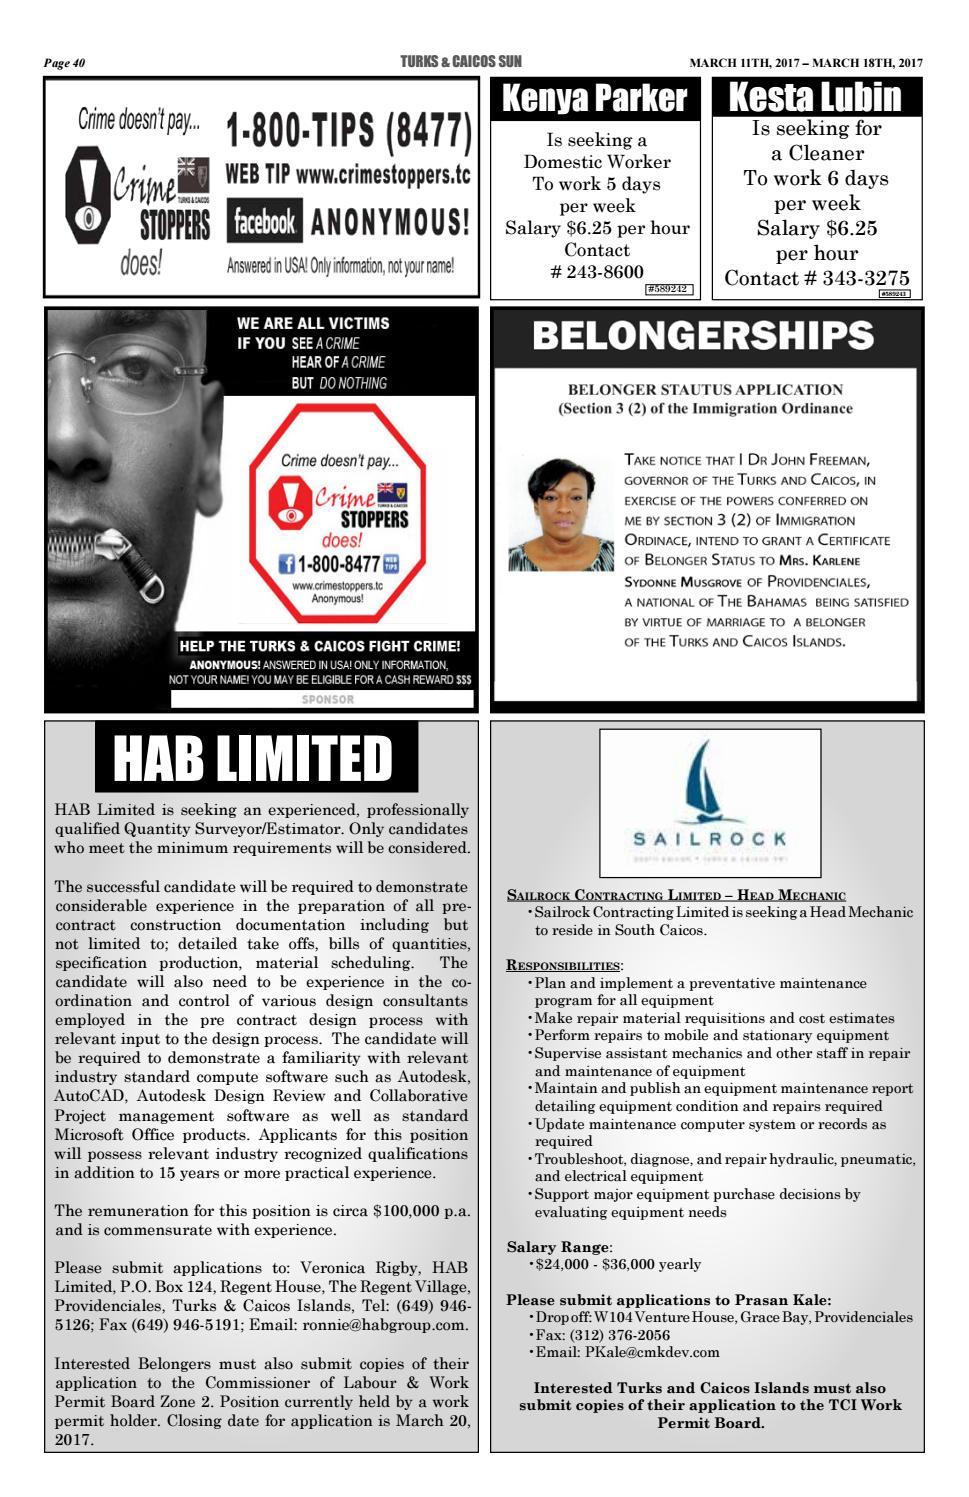 Belongers permit